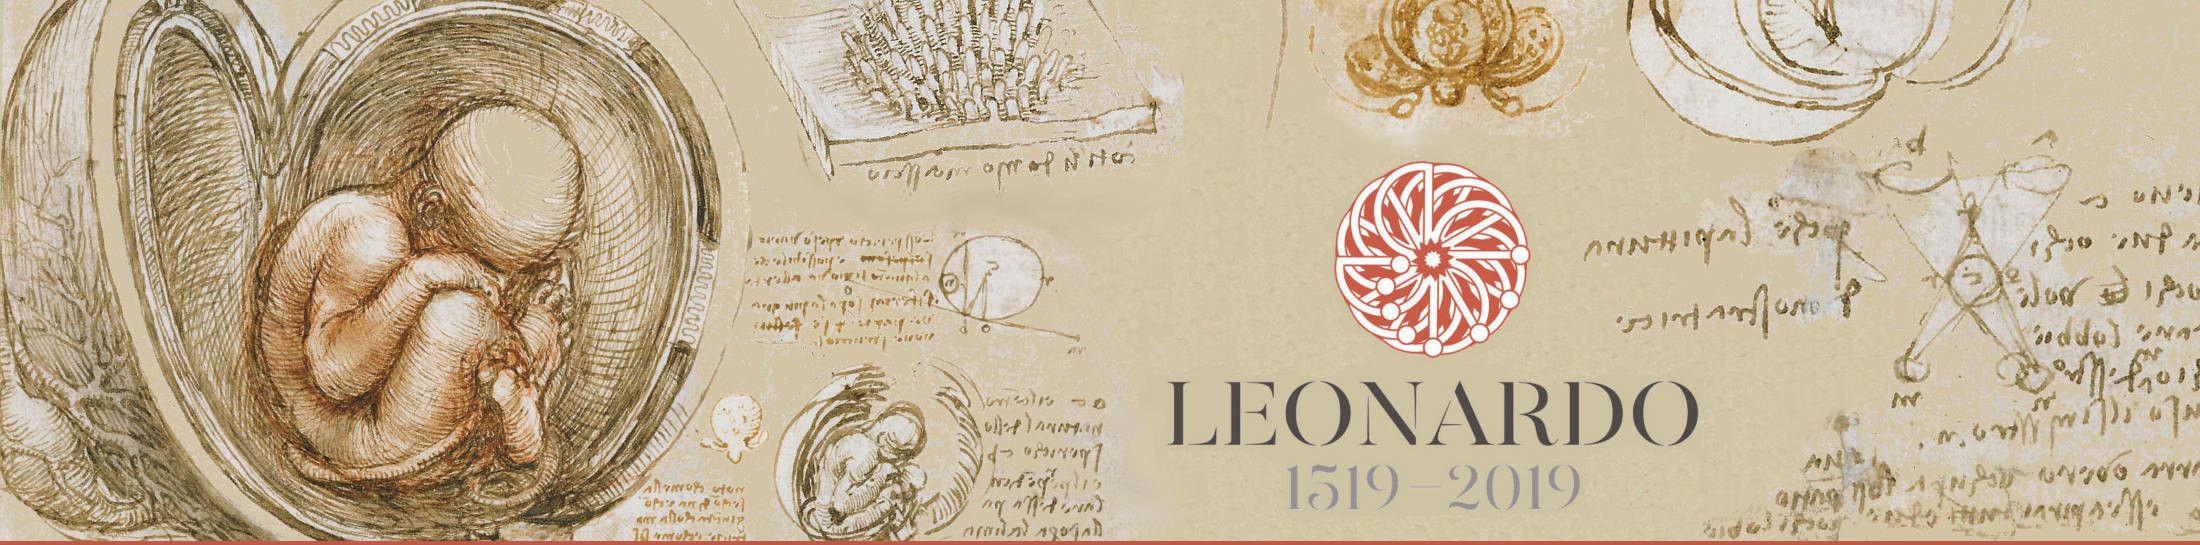 cinquecentenario Leonardo